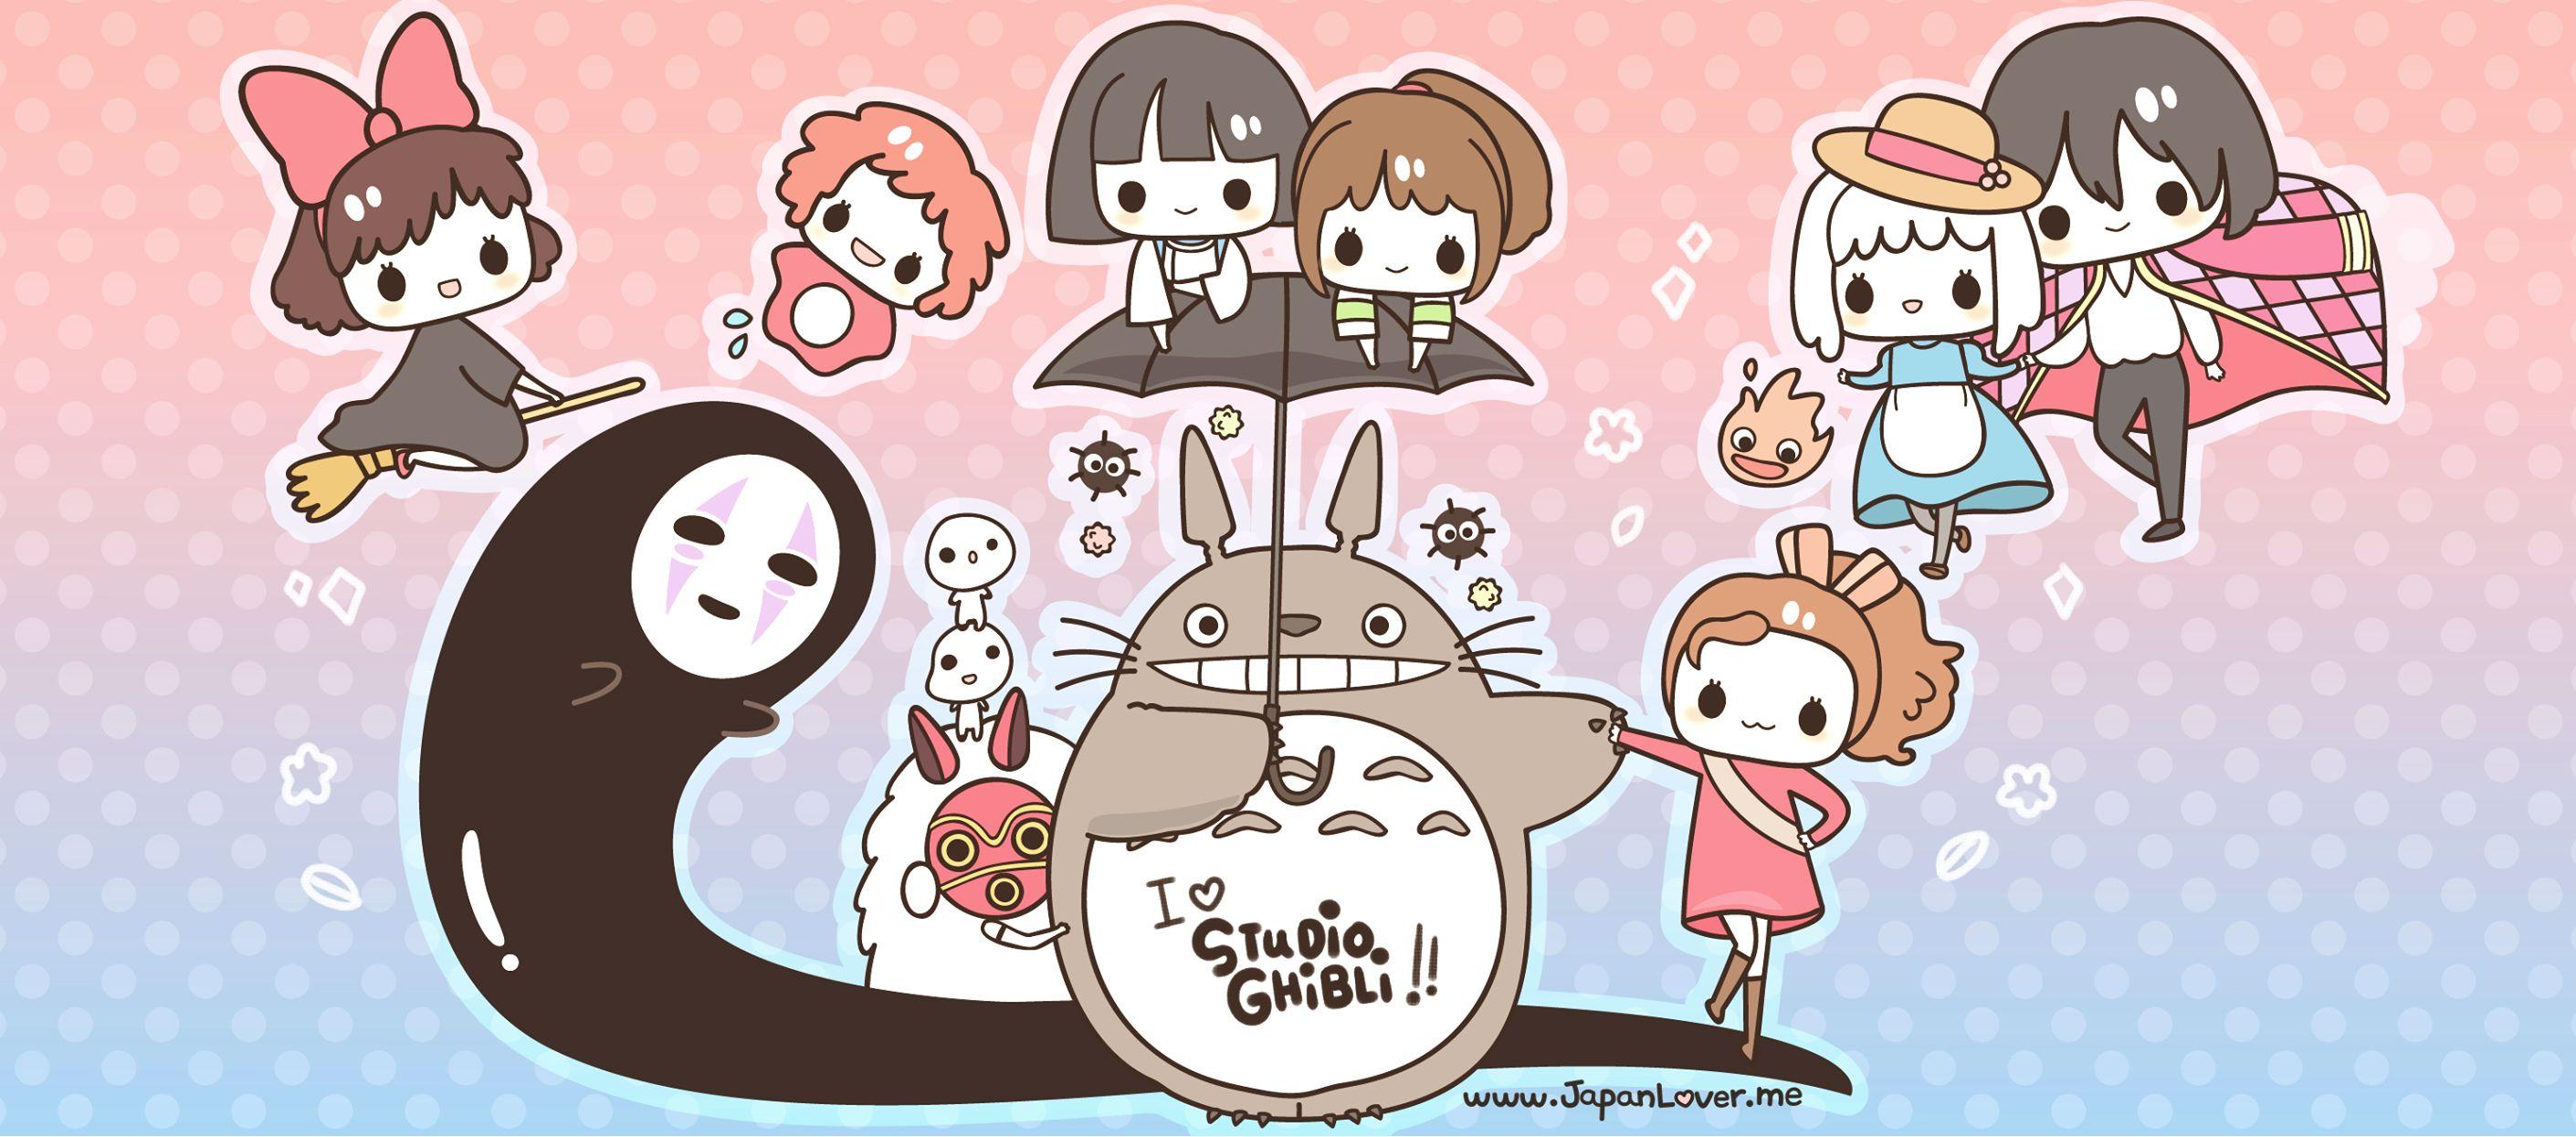 Kawaii Wallpaper Google Search imagens) Anime